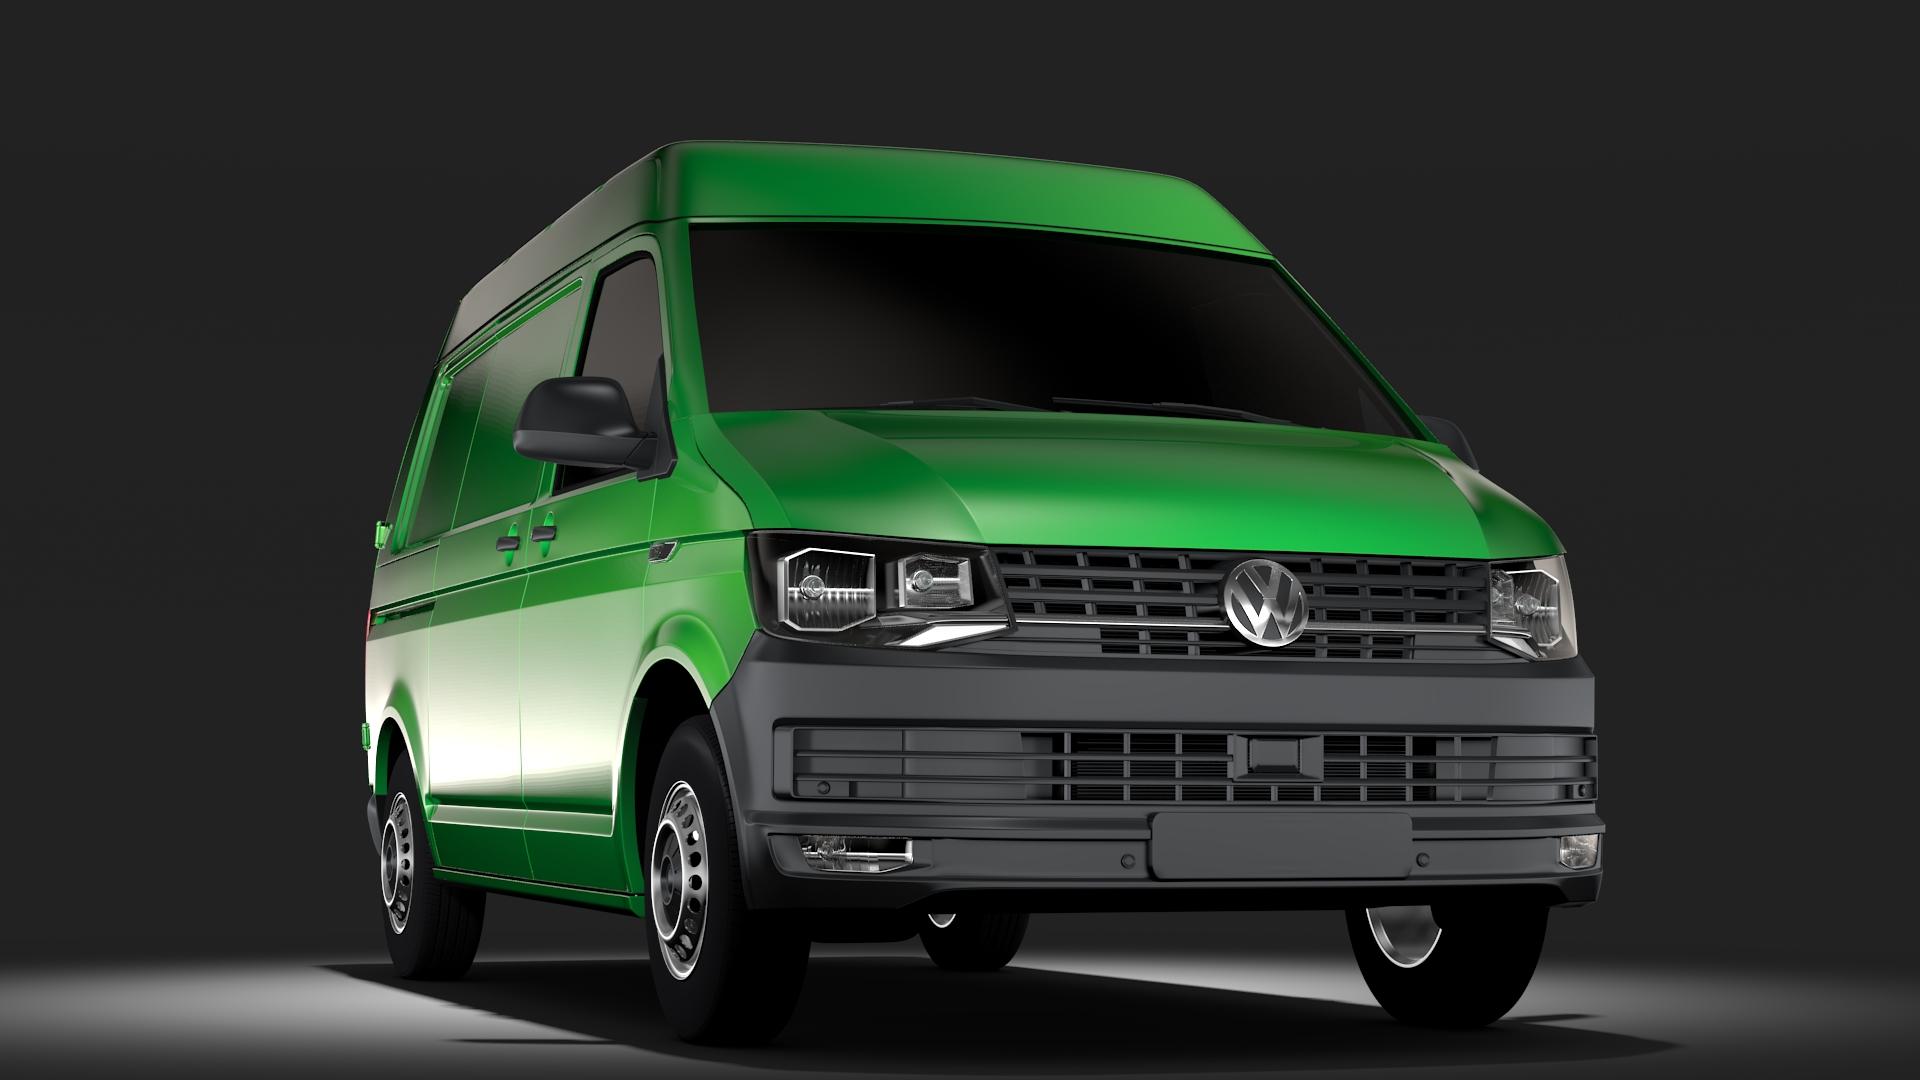 volkswagen transporter van l1h2 t6 2017 3d model max fbx c4d lwo ma mb hrc xsi obj 275146